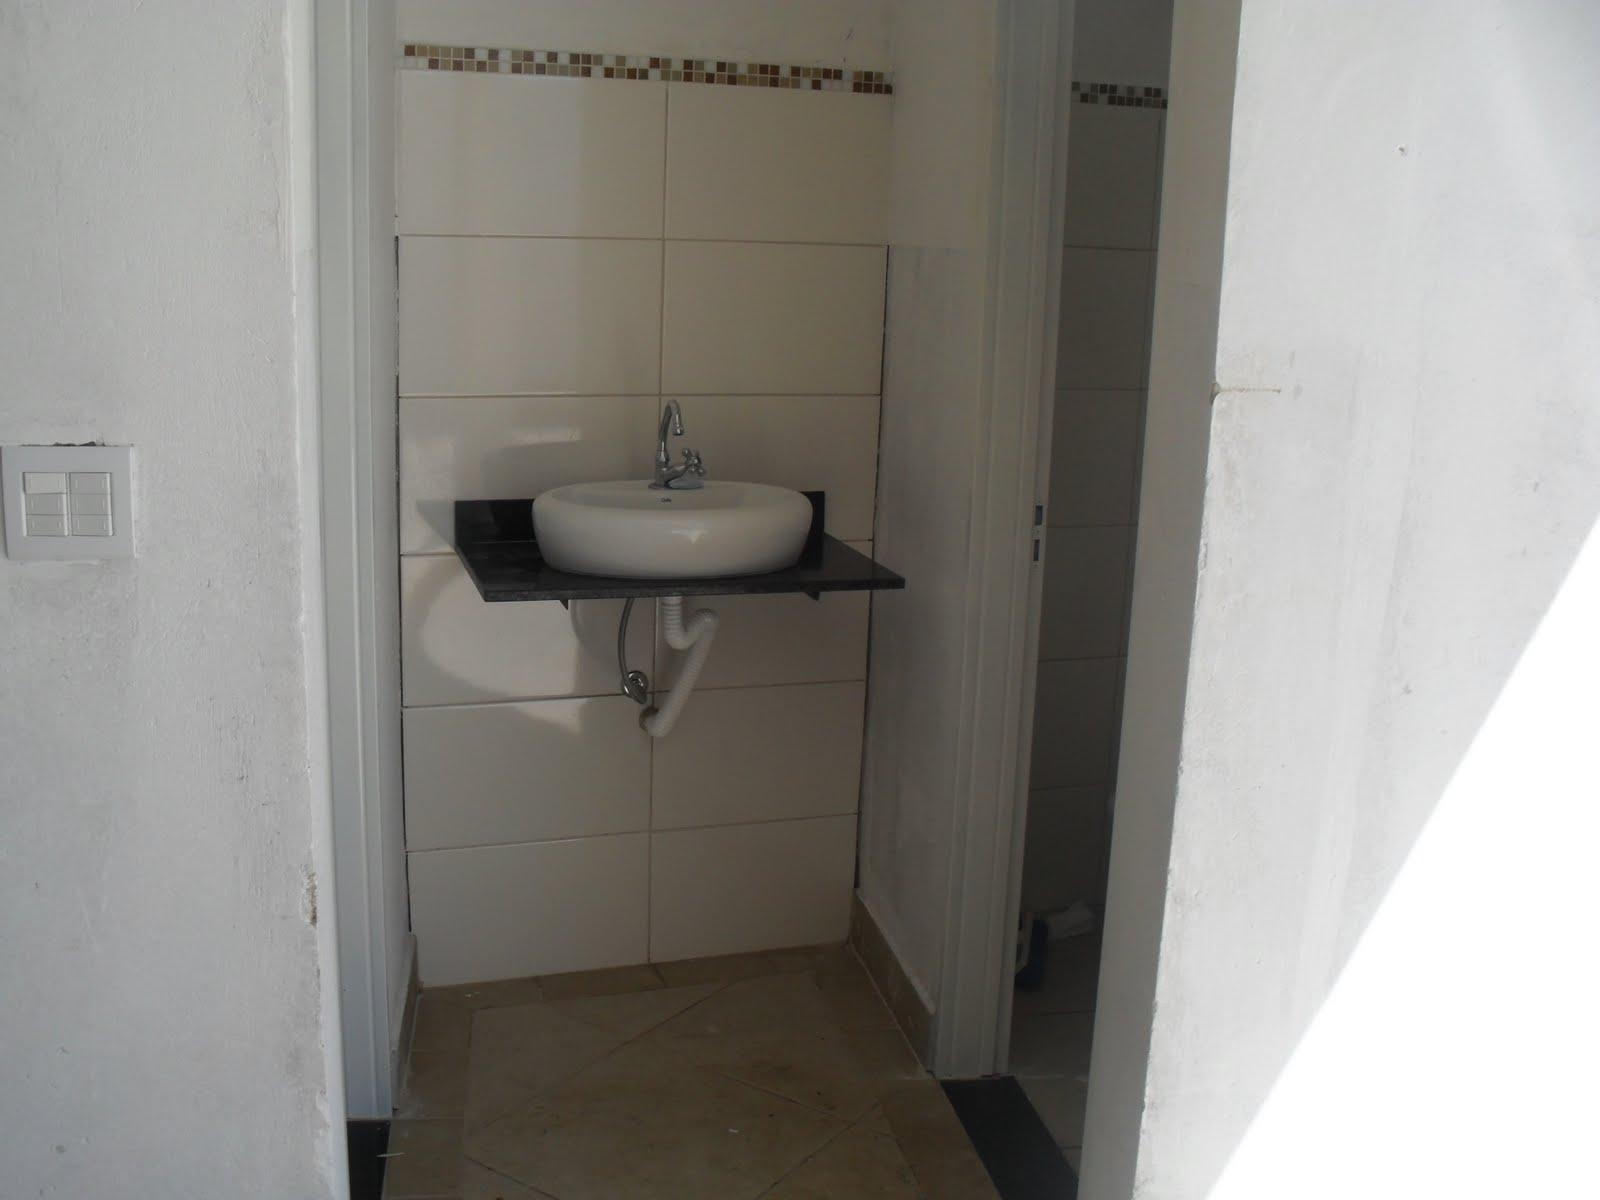 fsuafesta Casa com área de lazer  02 -> Banheiro Simples Para Area De Lazer